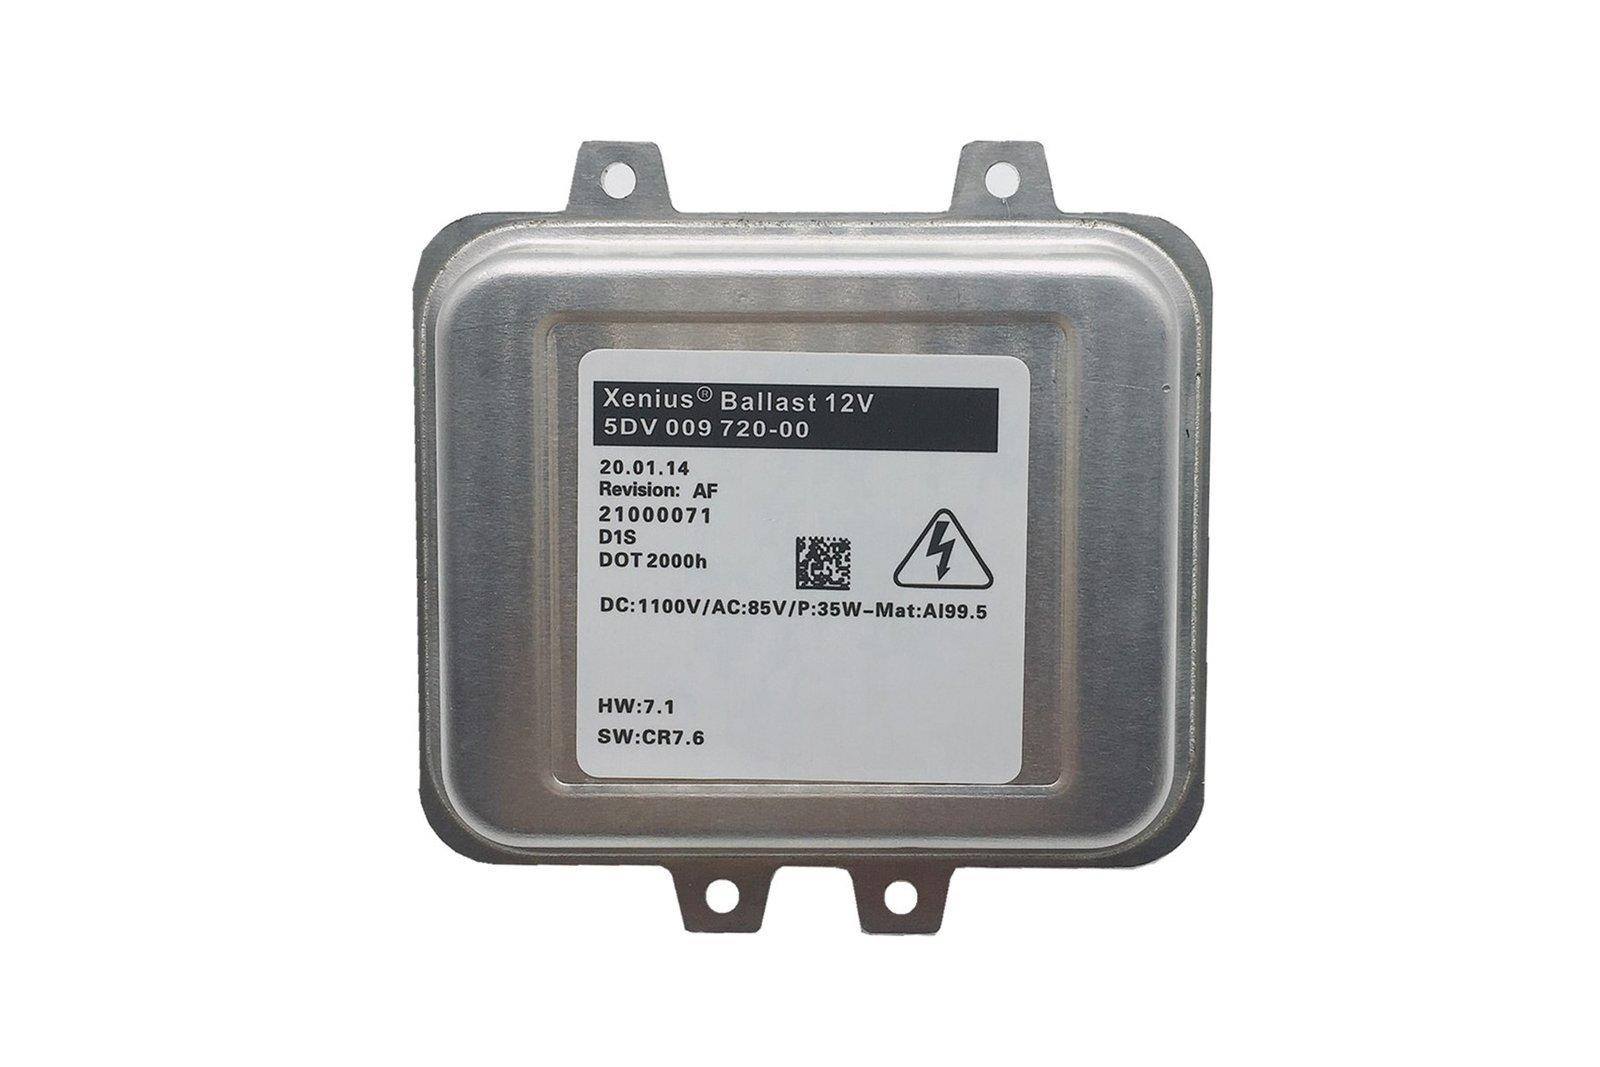 Xenon Headlight Ballast Control Unit Opel Insignia 5DV009720-00 D1S